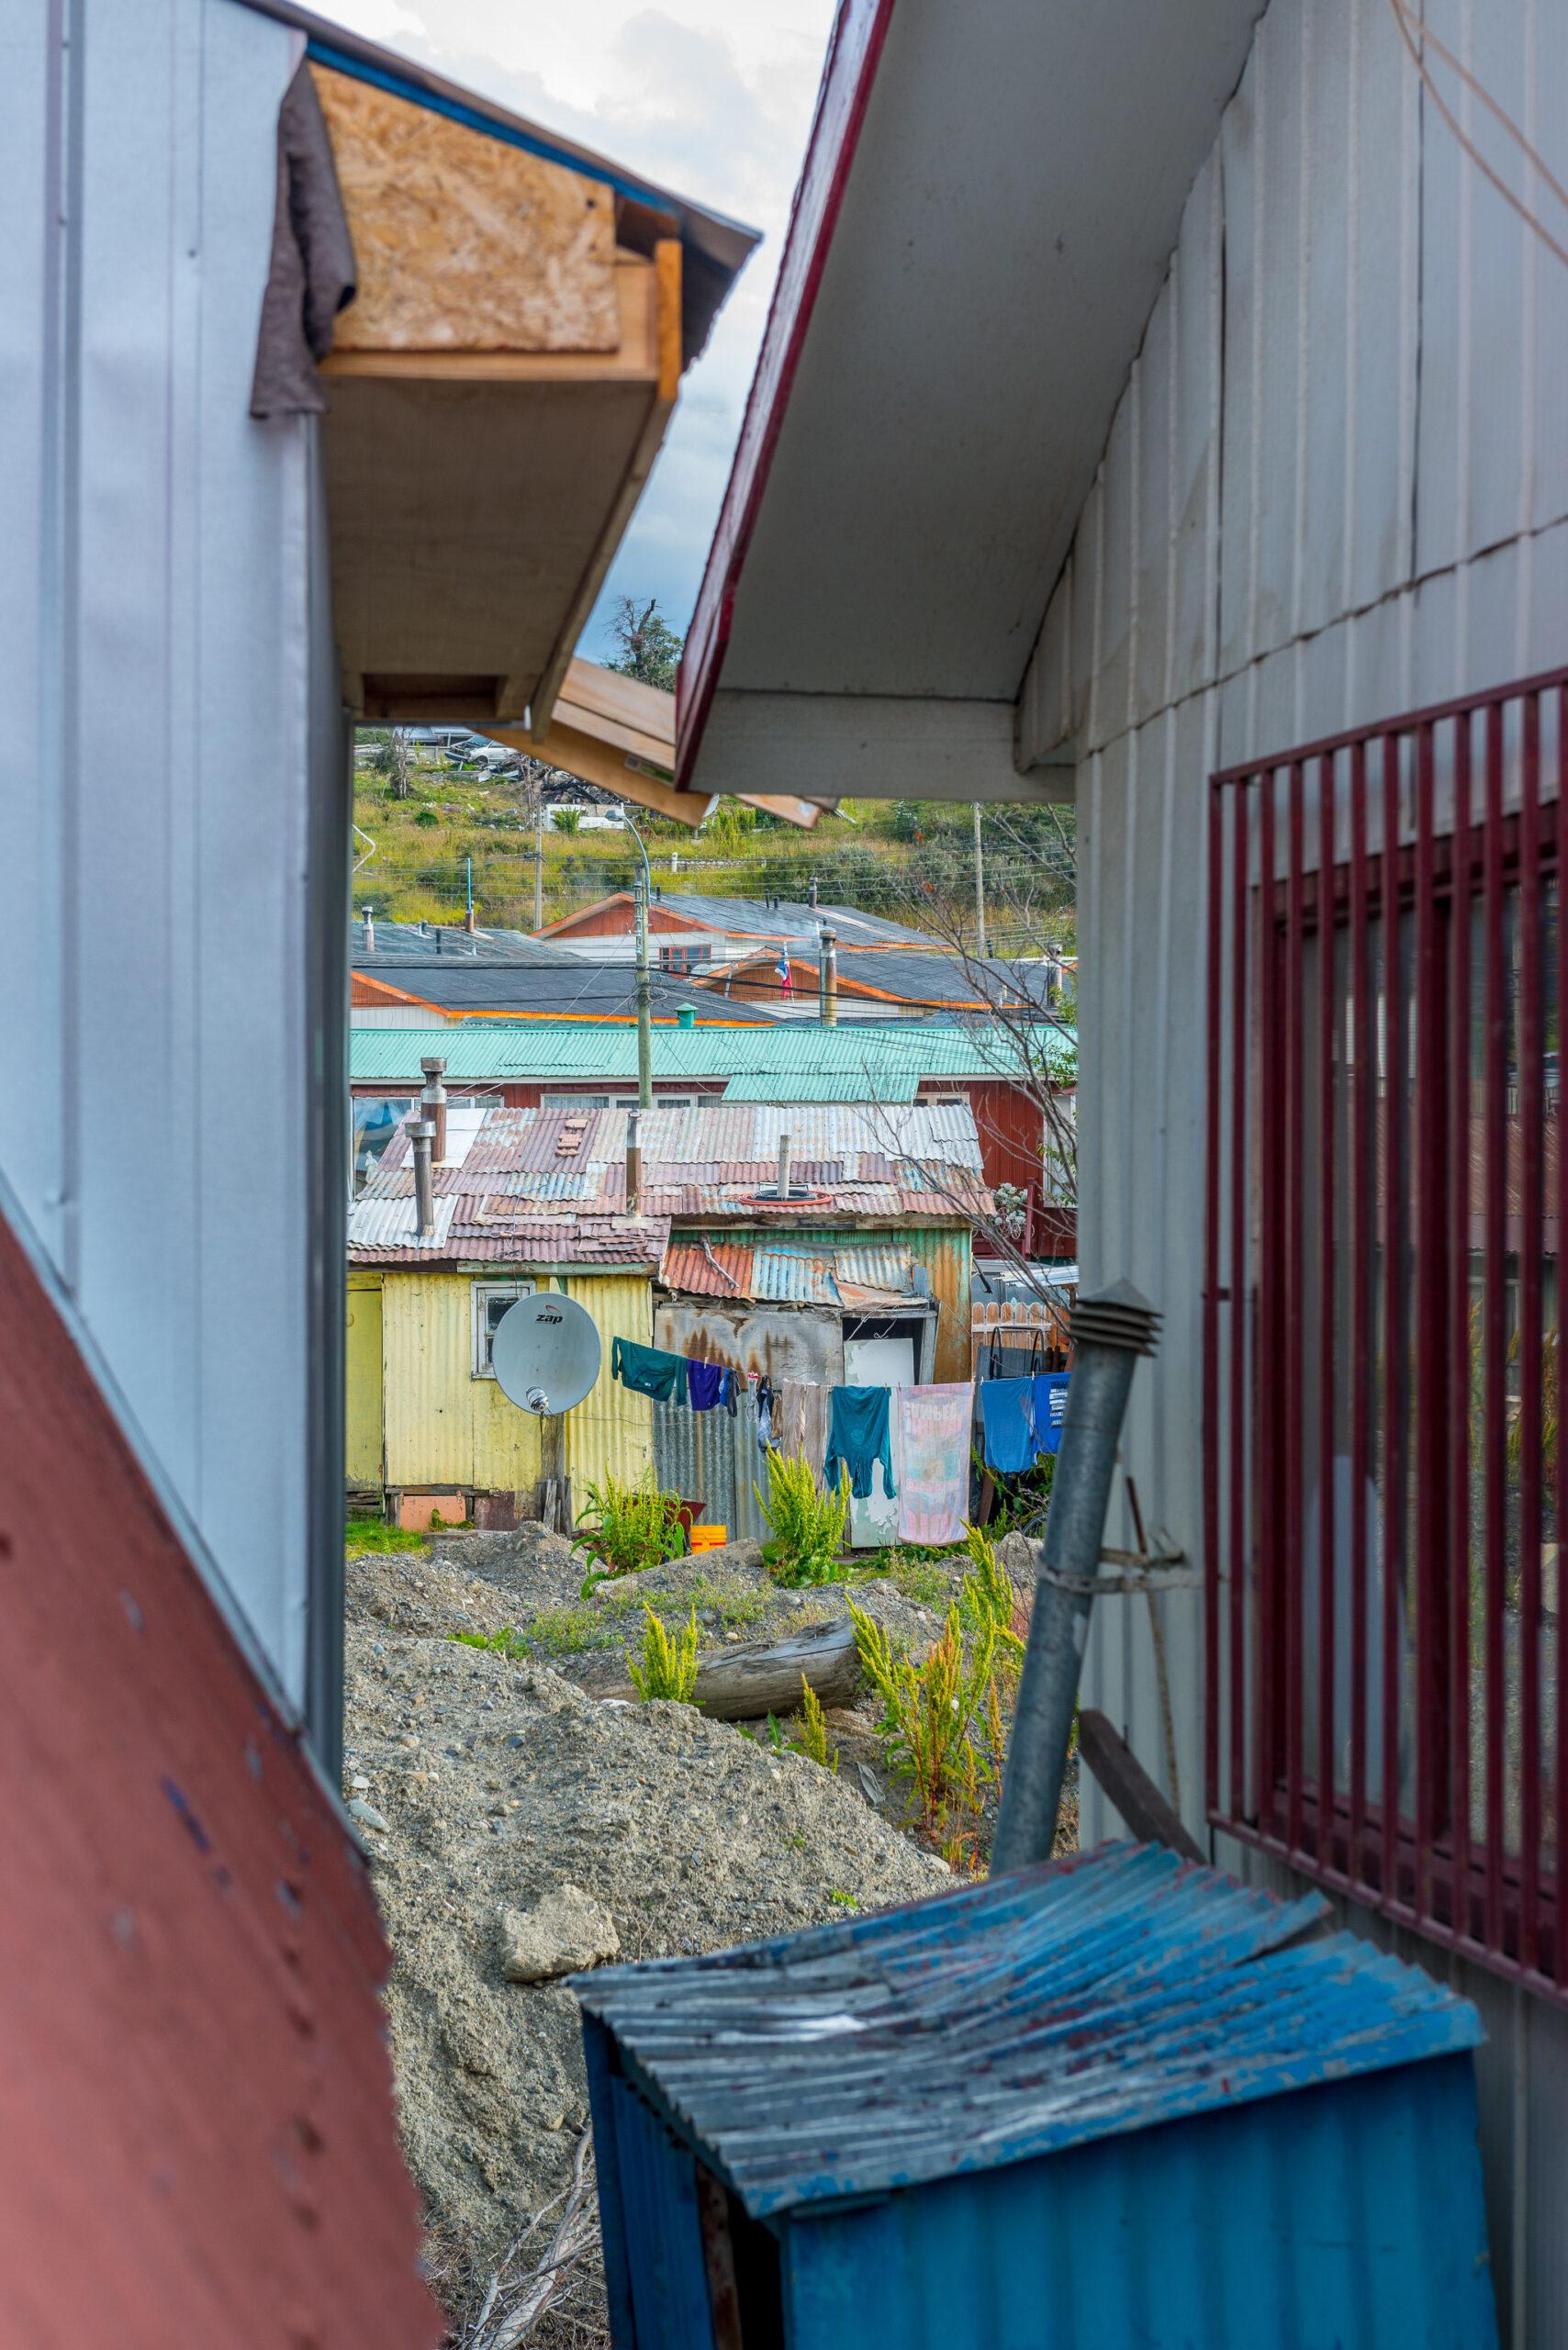 Puerto Williams, Tierra del Fuego, Chile